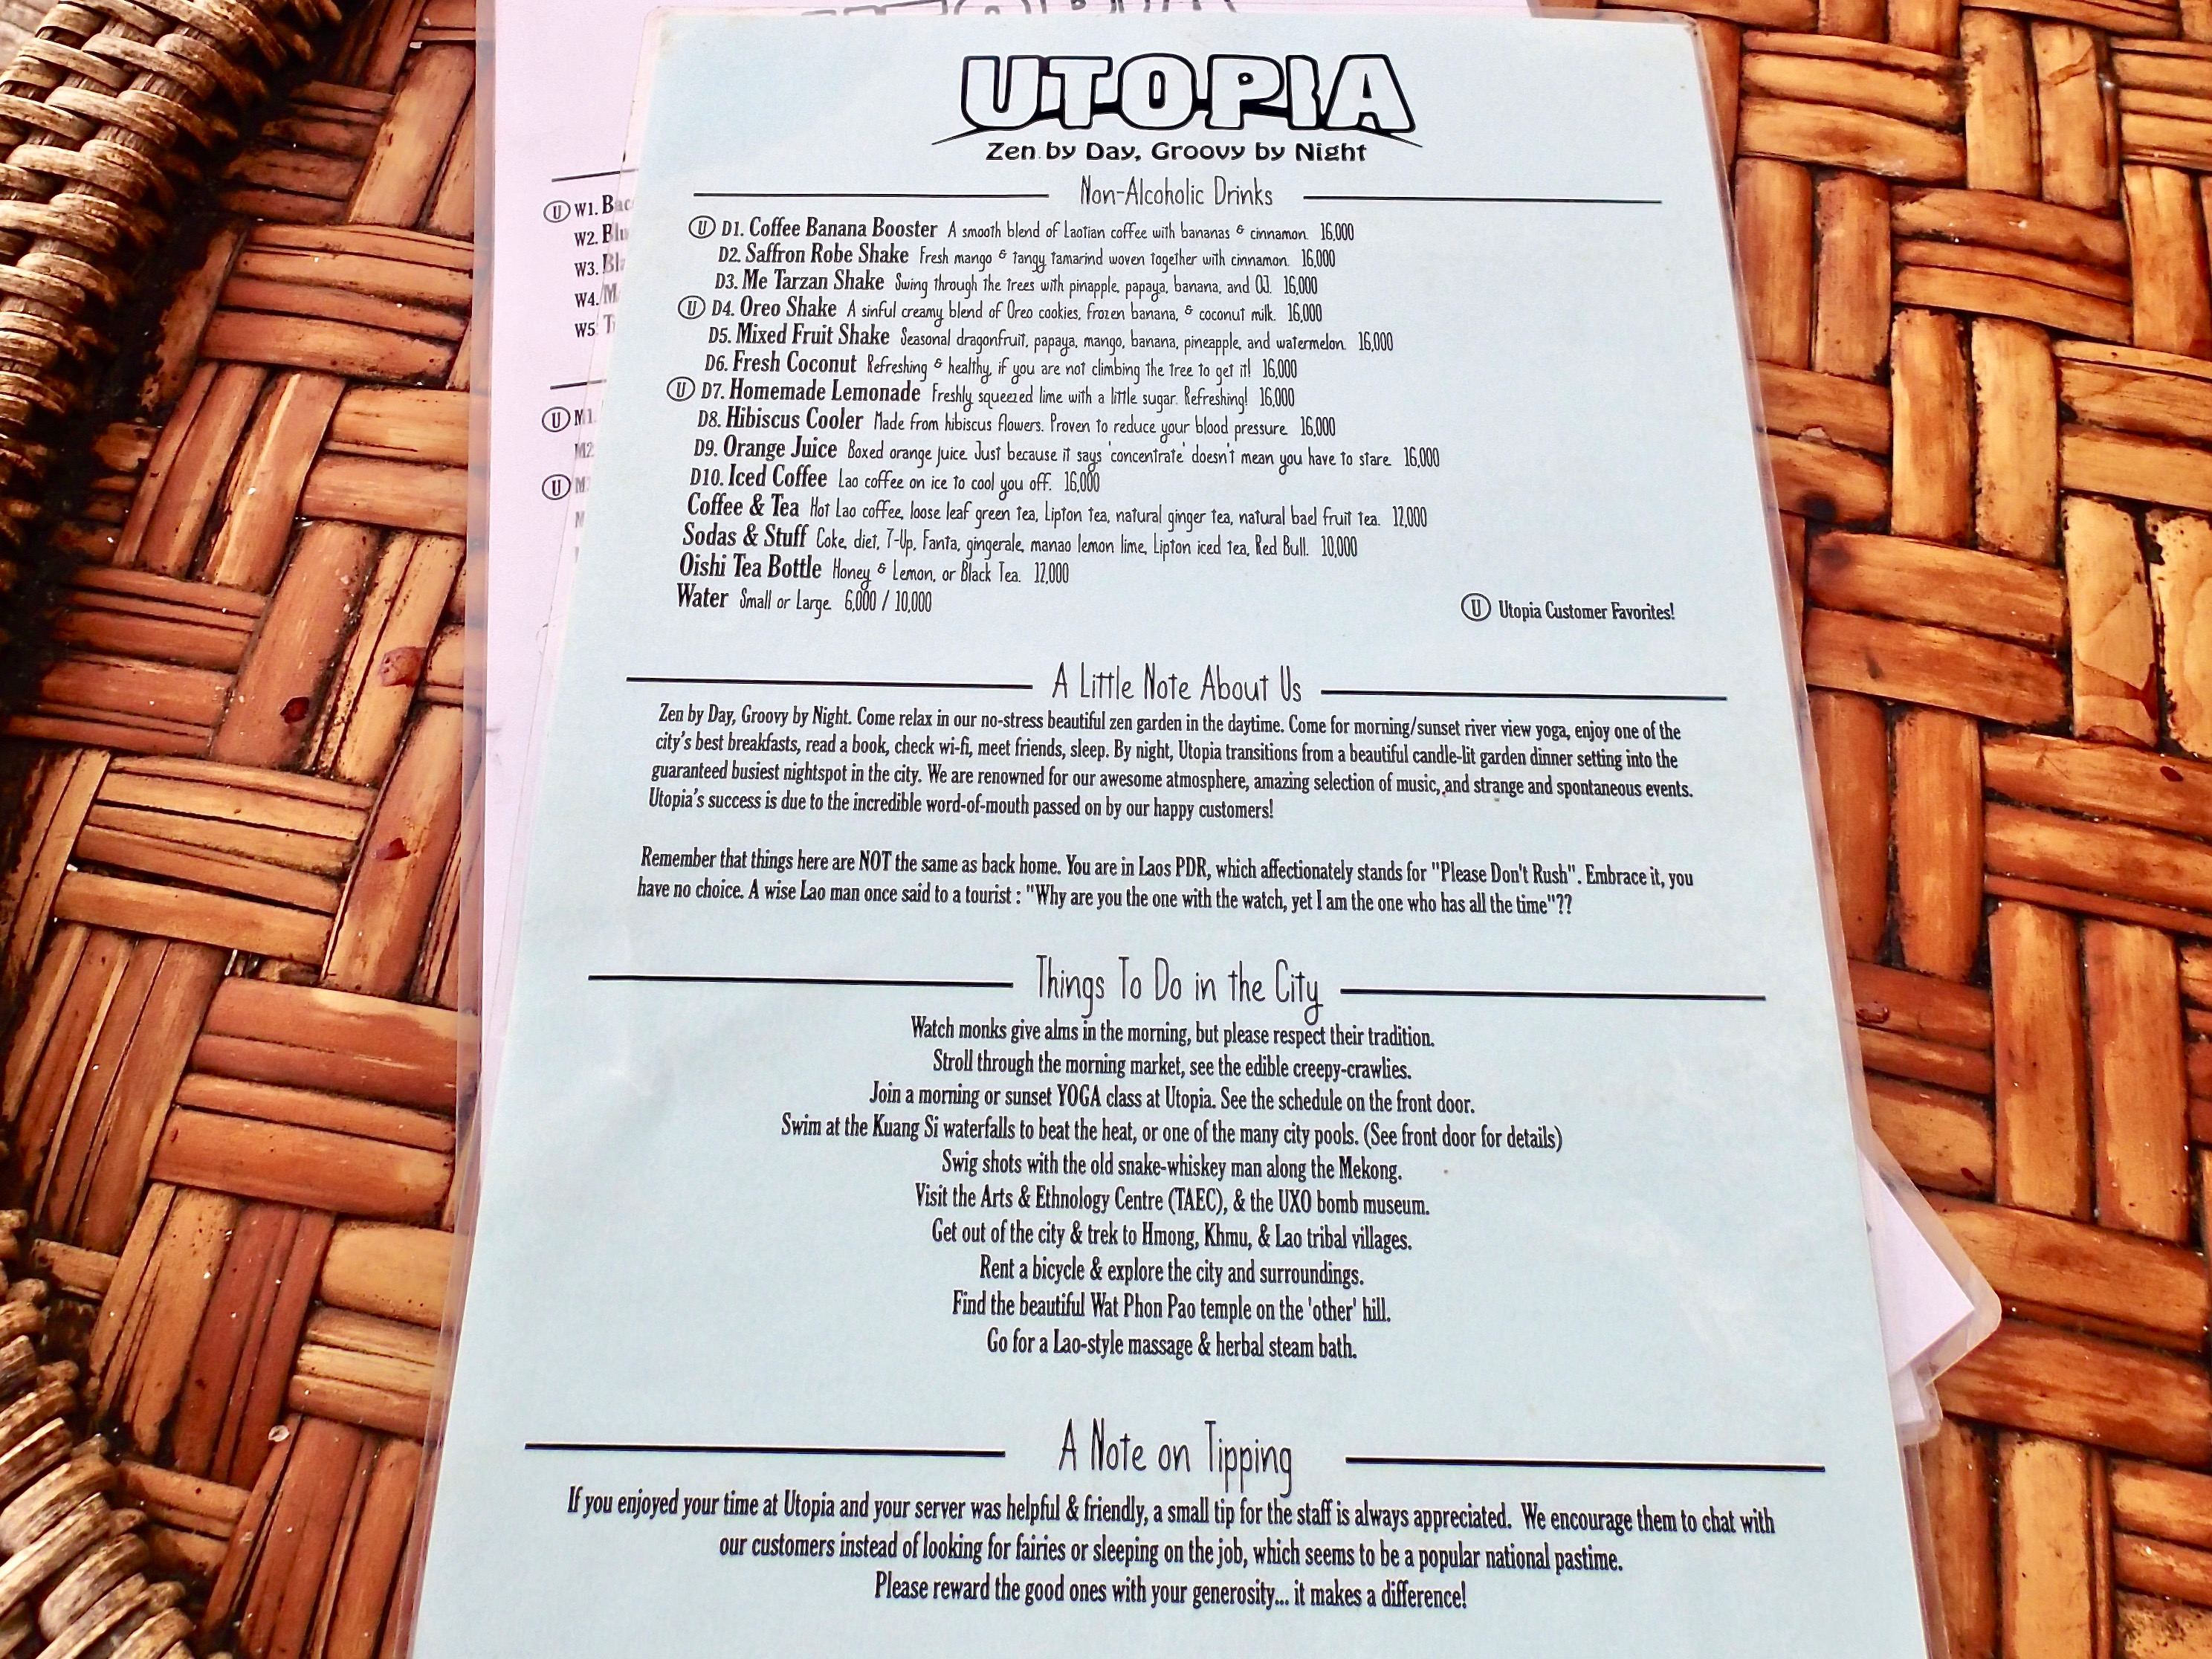 Utopia menu3